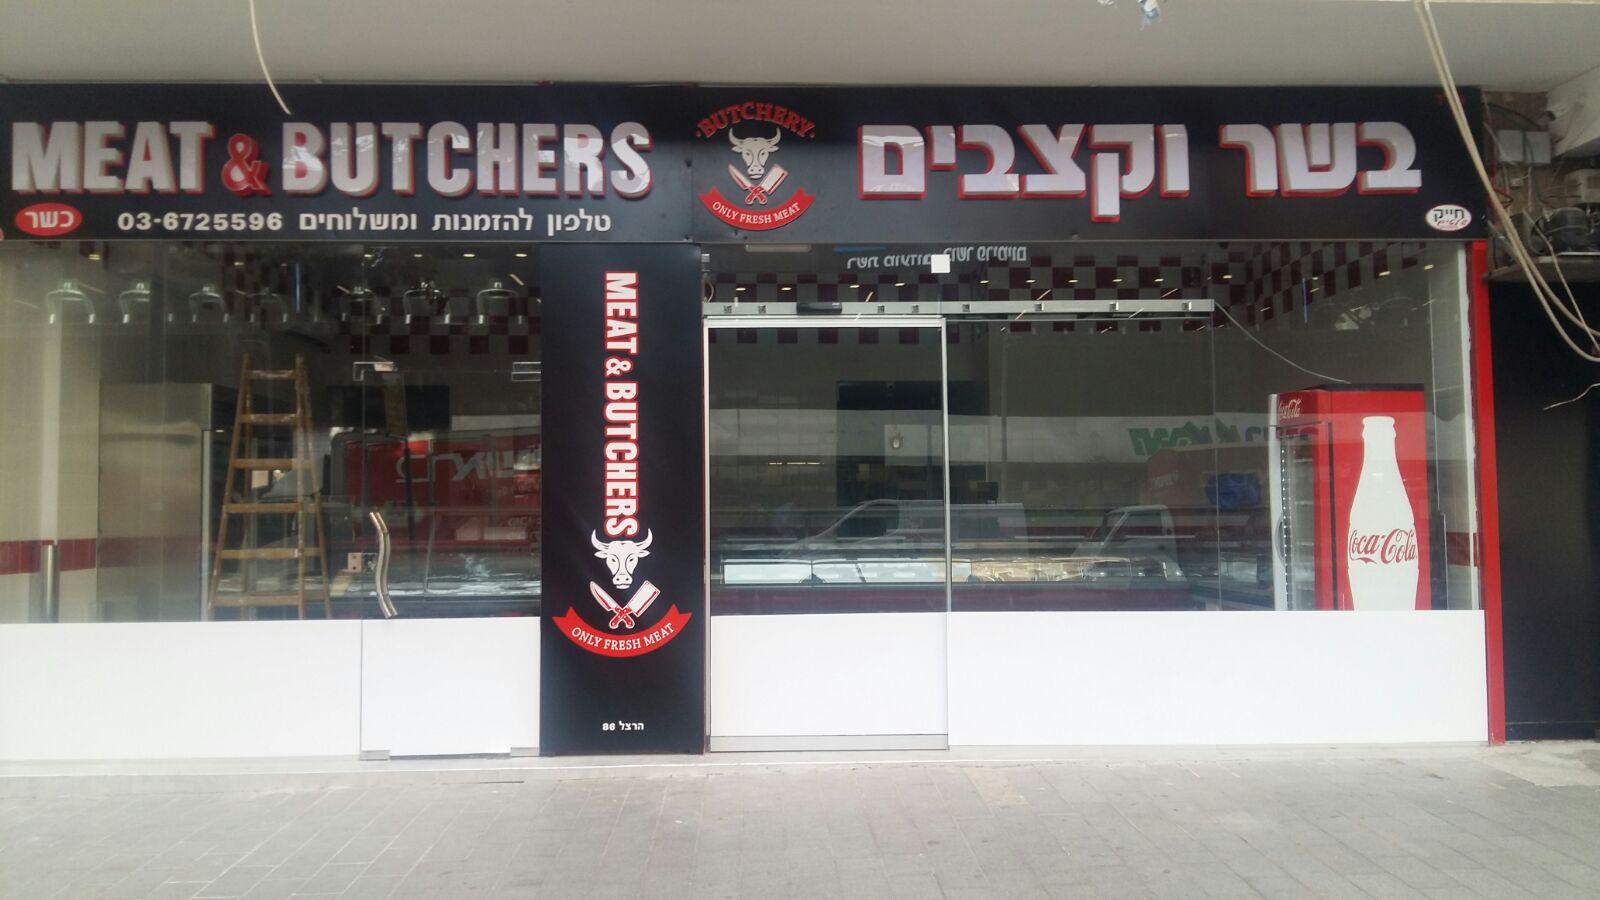 בשר וקצבים רחוב הרצל רמת גן